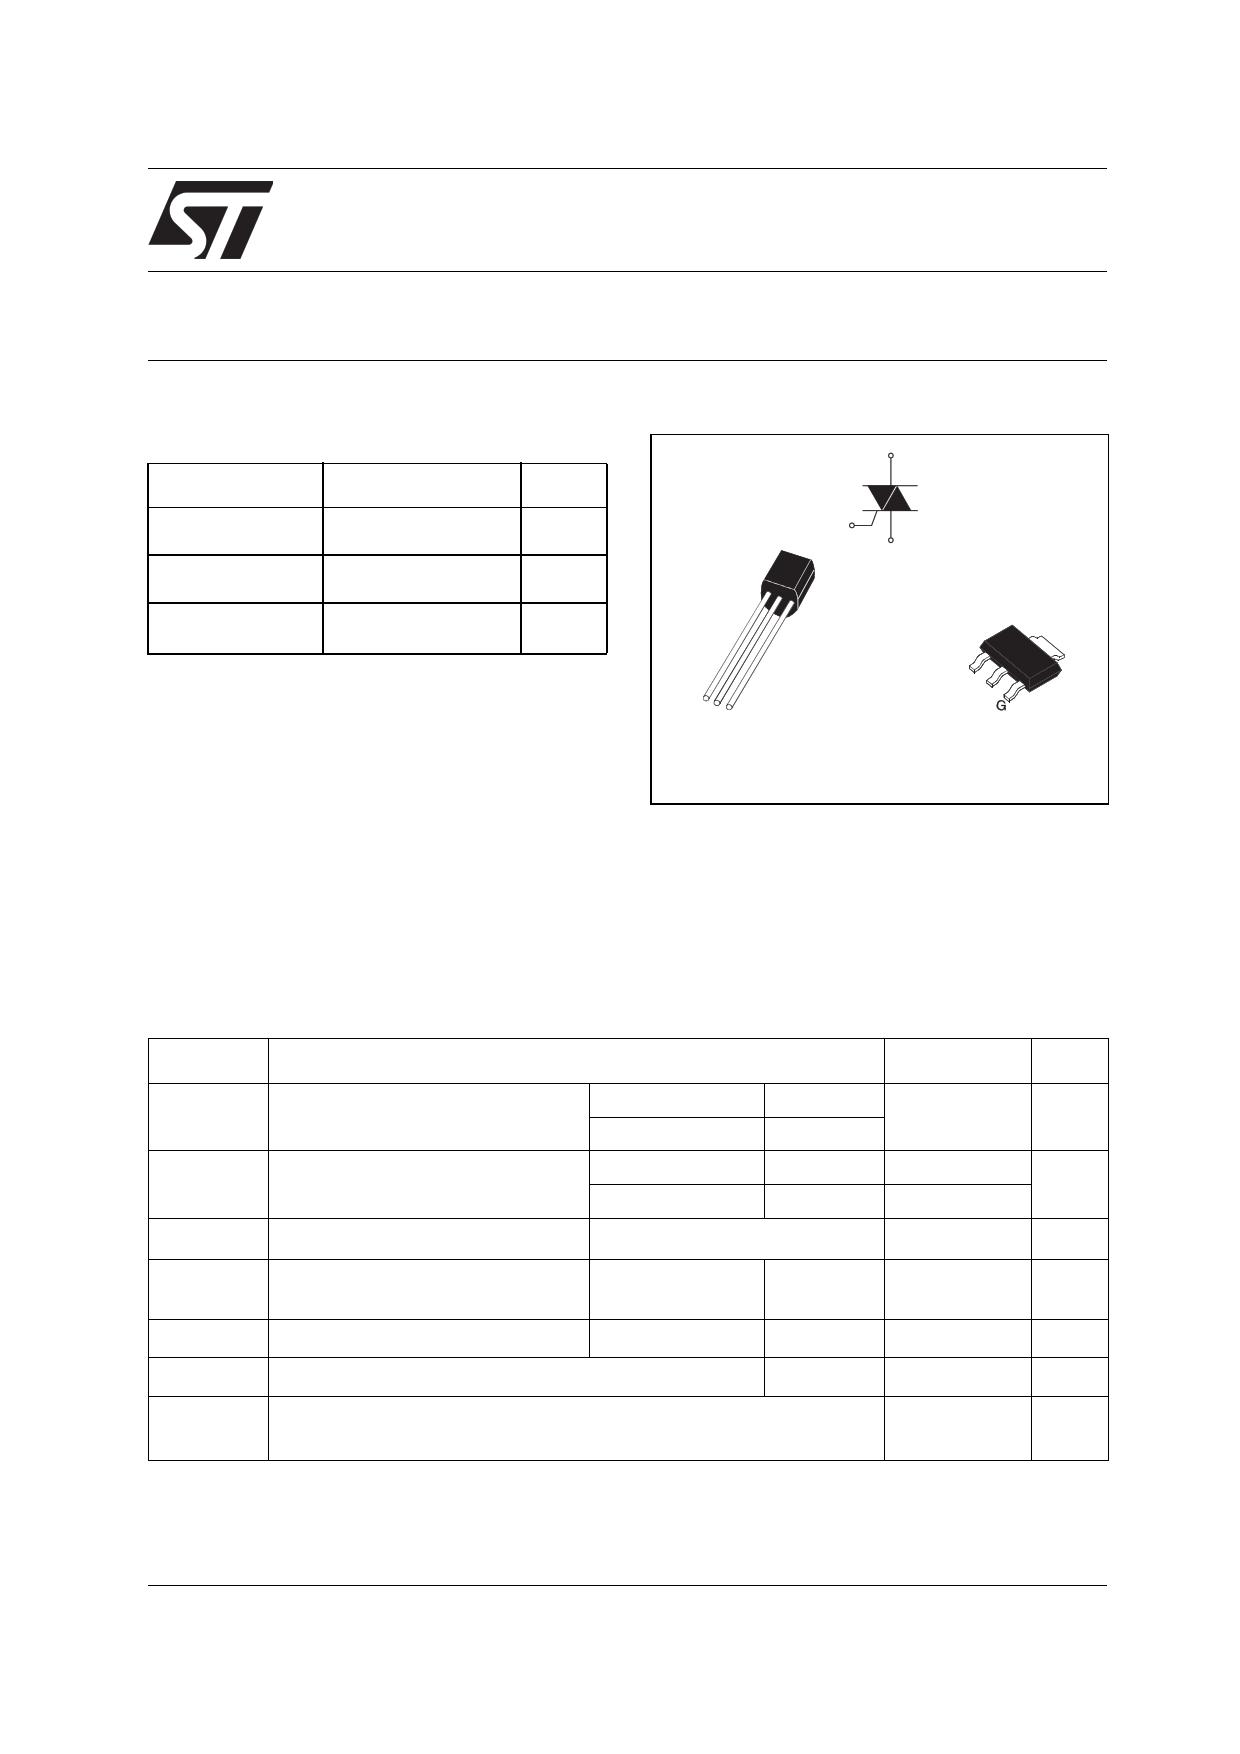 Z0107NN1AA2 datasheet